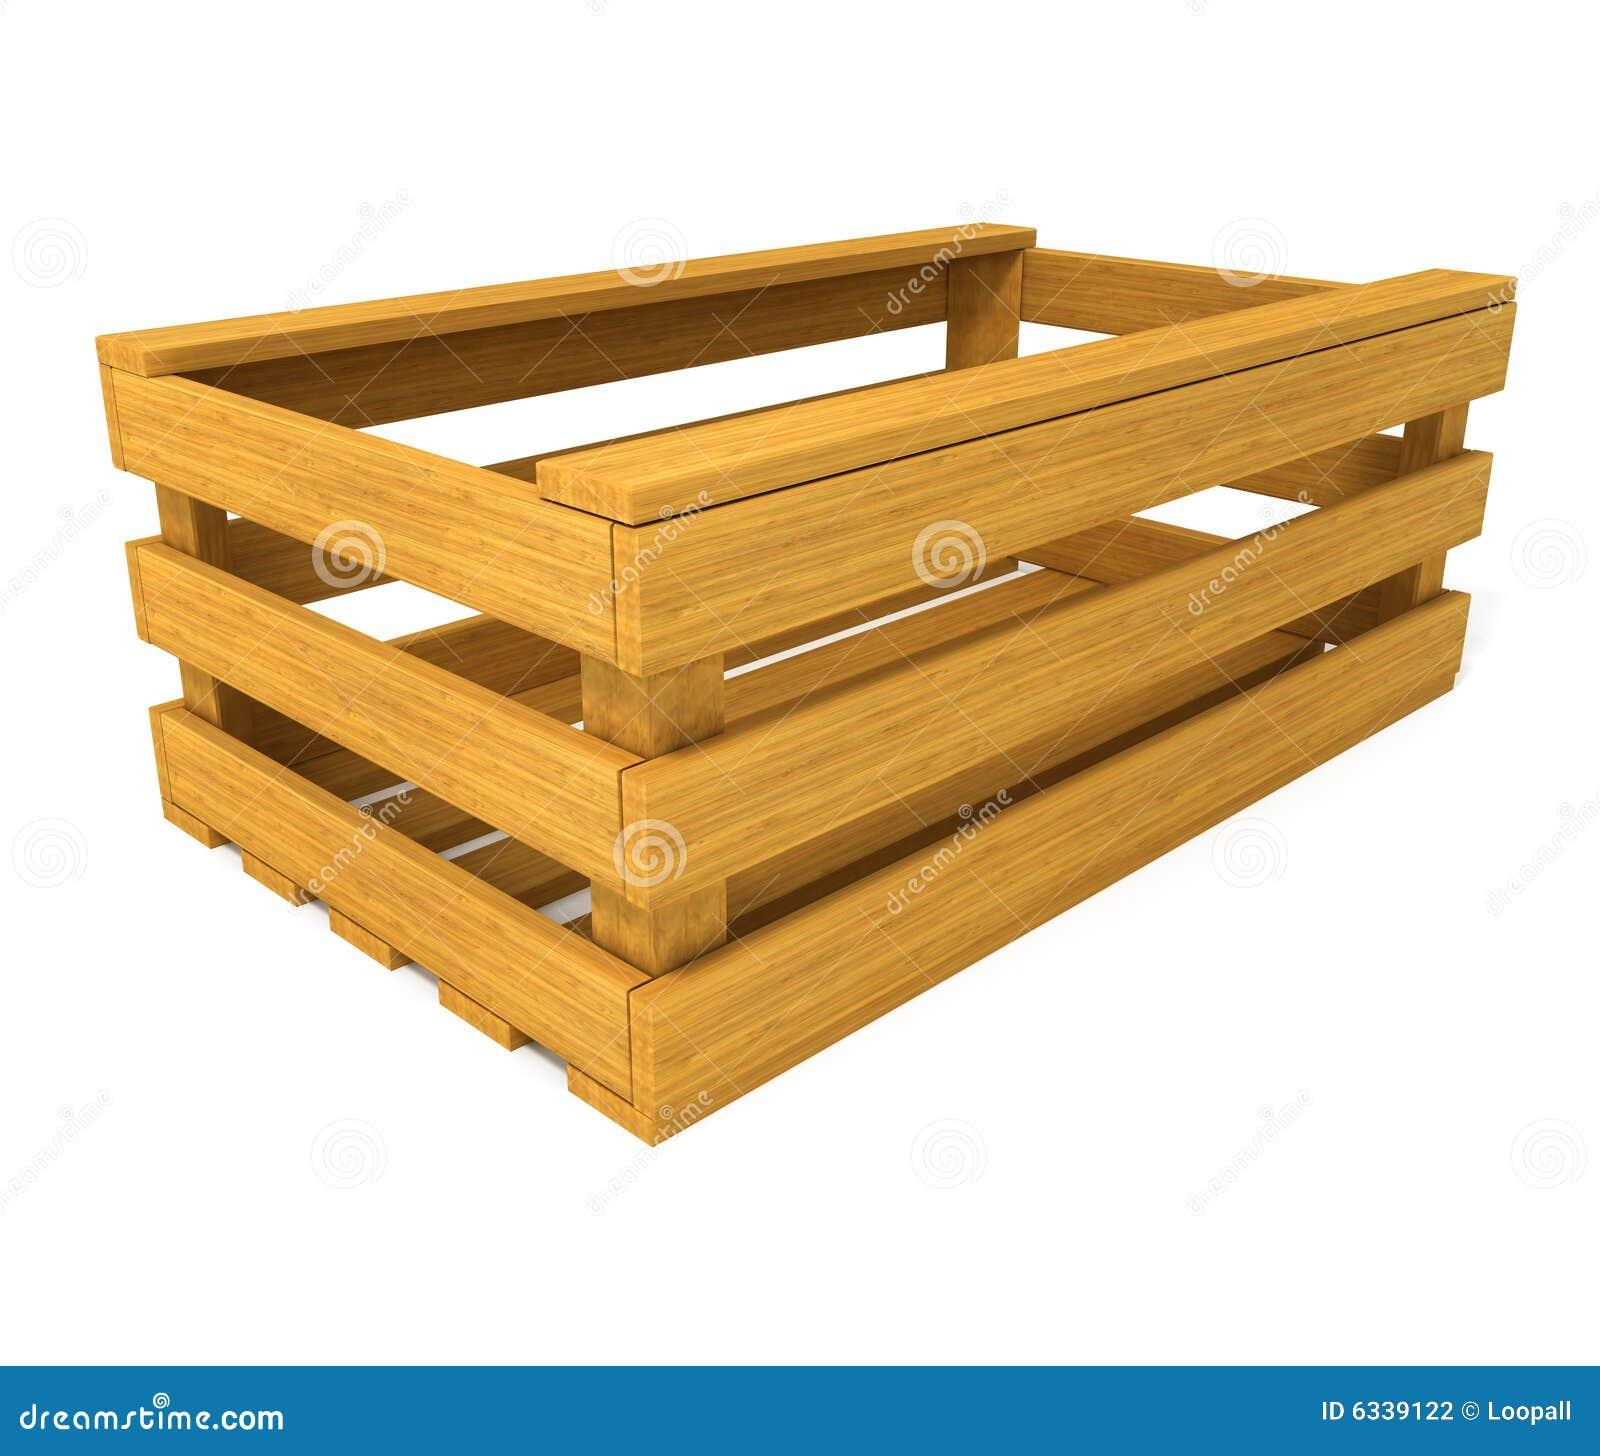 Caixa de madeira para frutas e verdura fotografia de stock - Cajas de madera de fruta gratis ...